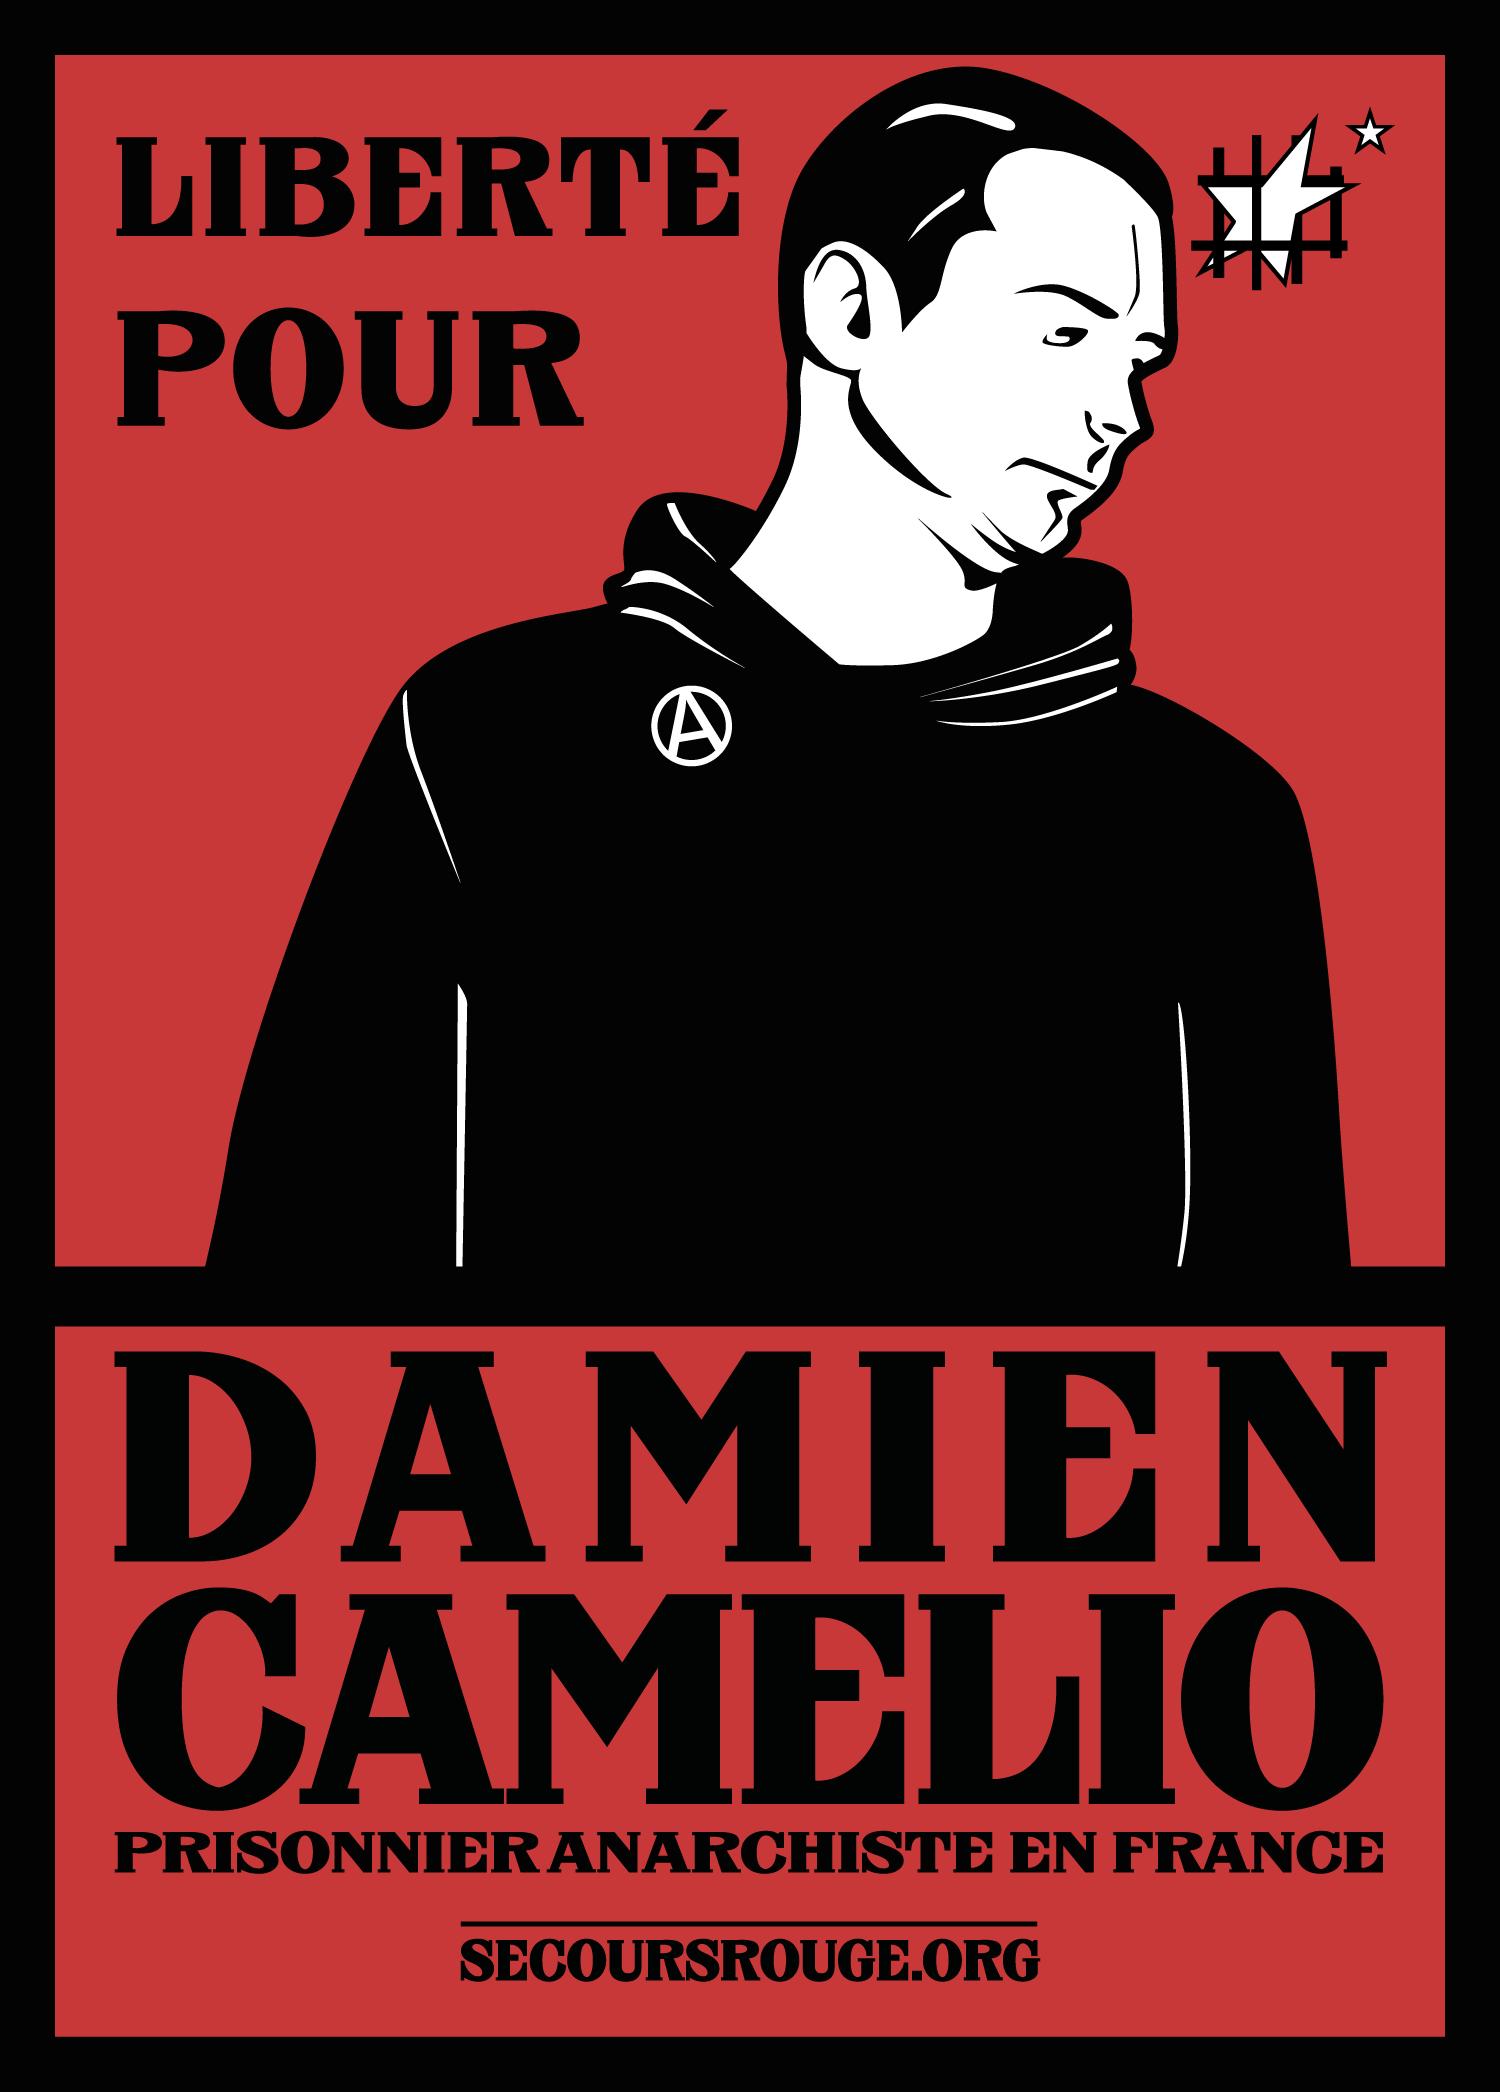 Un sticker solidaire publié lors de la première détention de Damien